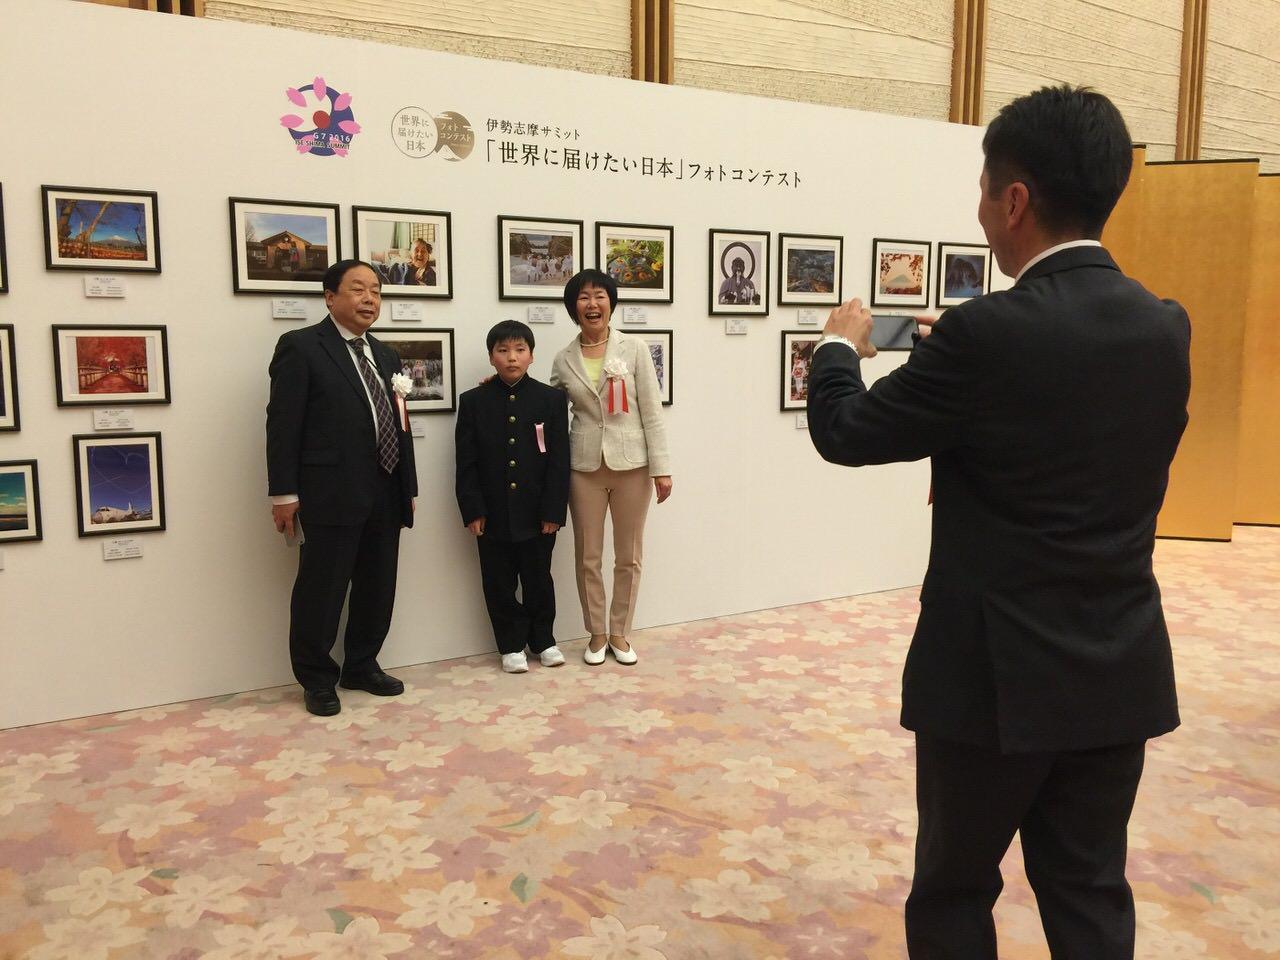 Ise shima photo contest 2452